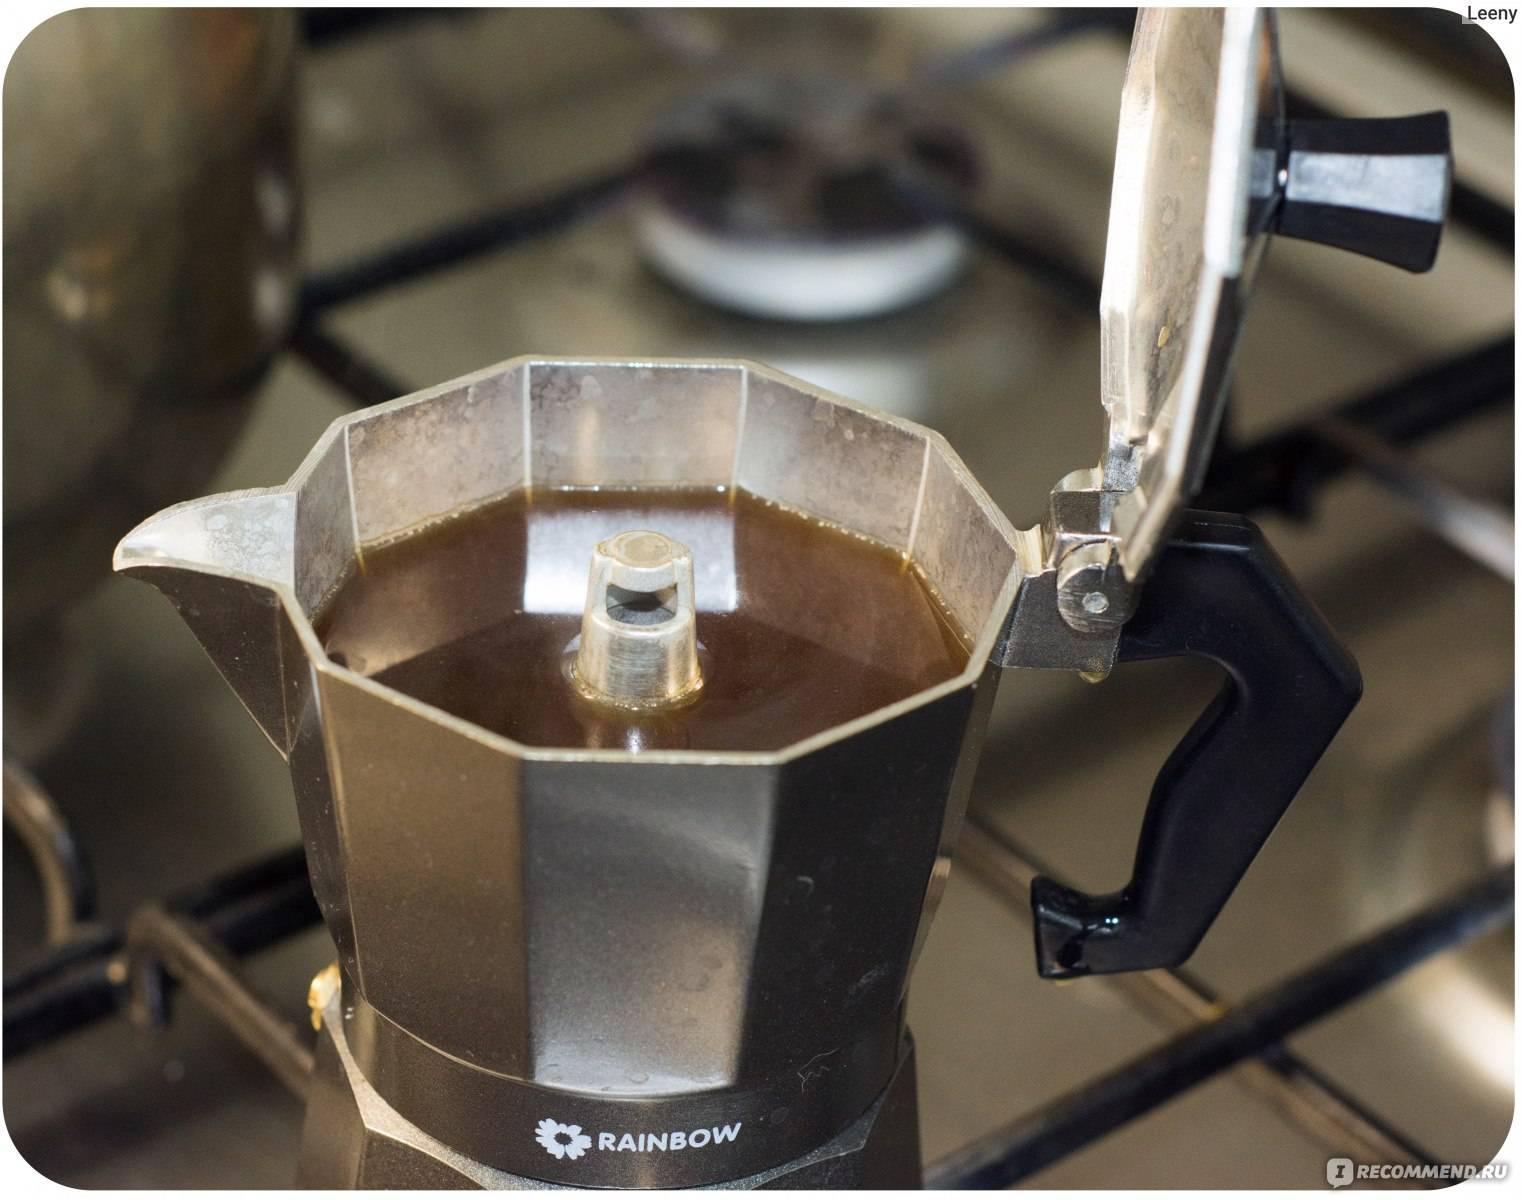 Как пользоваться кофемашиной - рожковой, капсульной, капельной